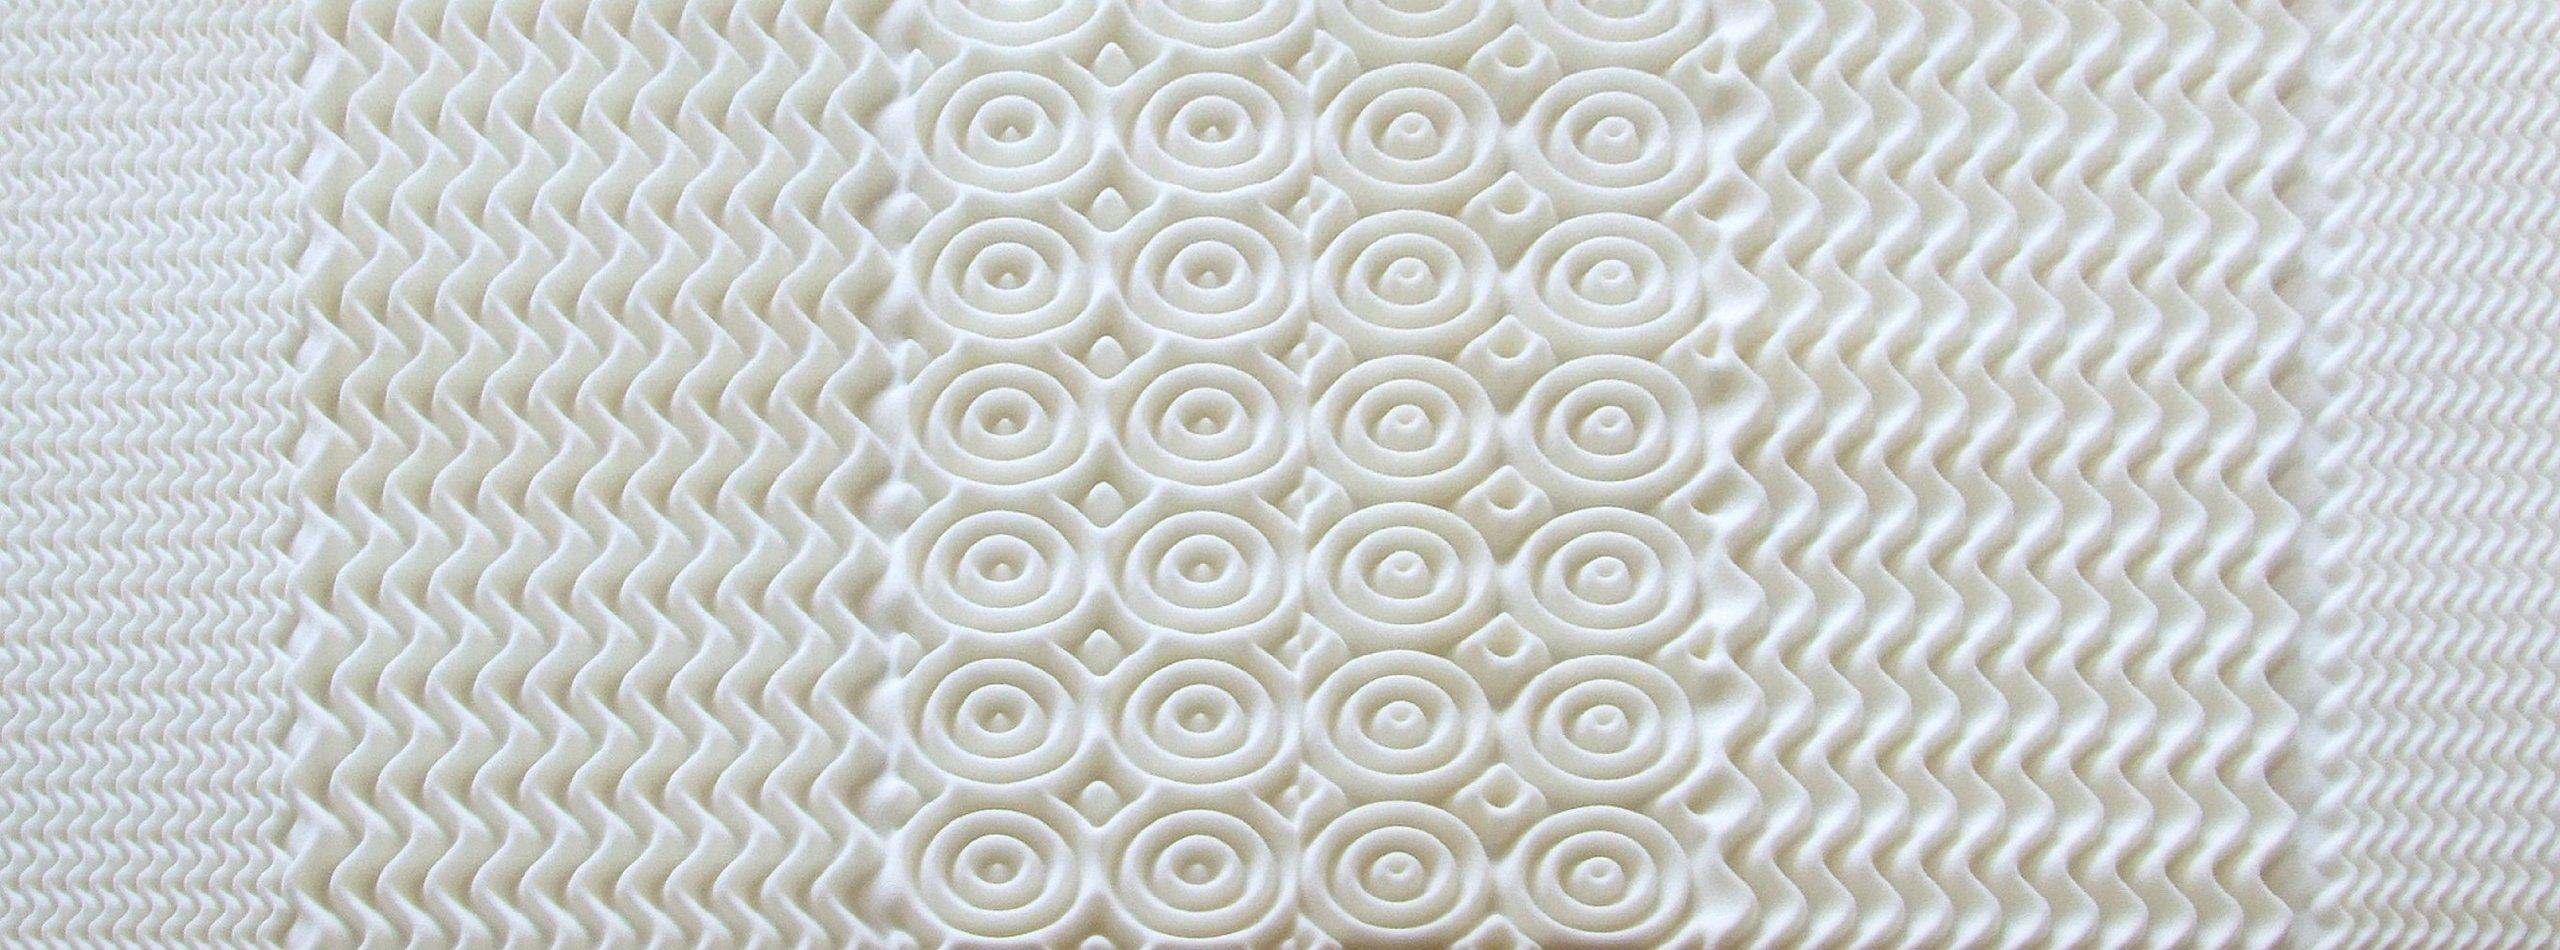 Rio Home Fashions Convoluted Memory Foam Twin Mattress Topper/Pad, White